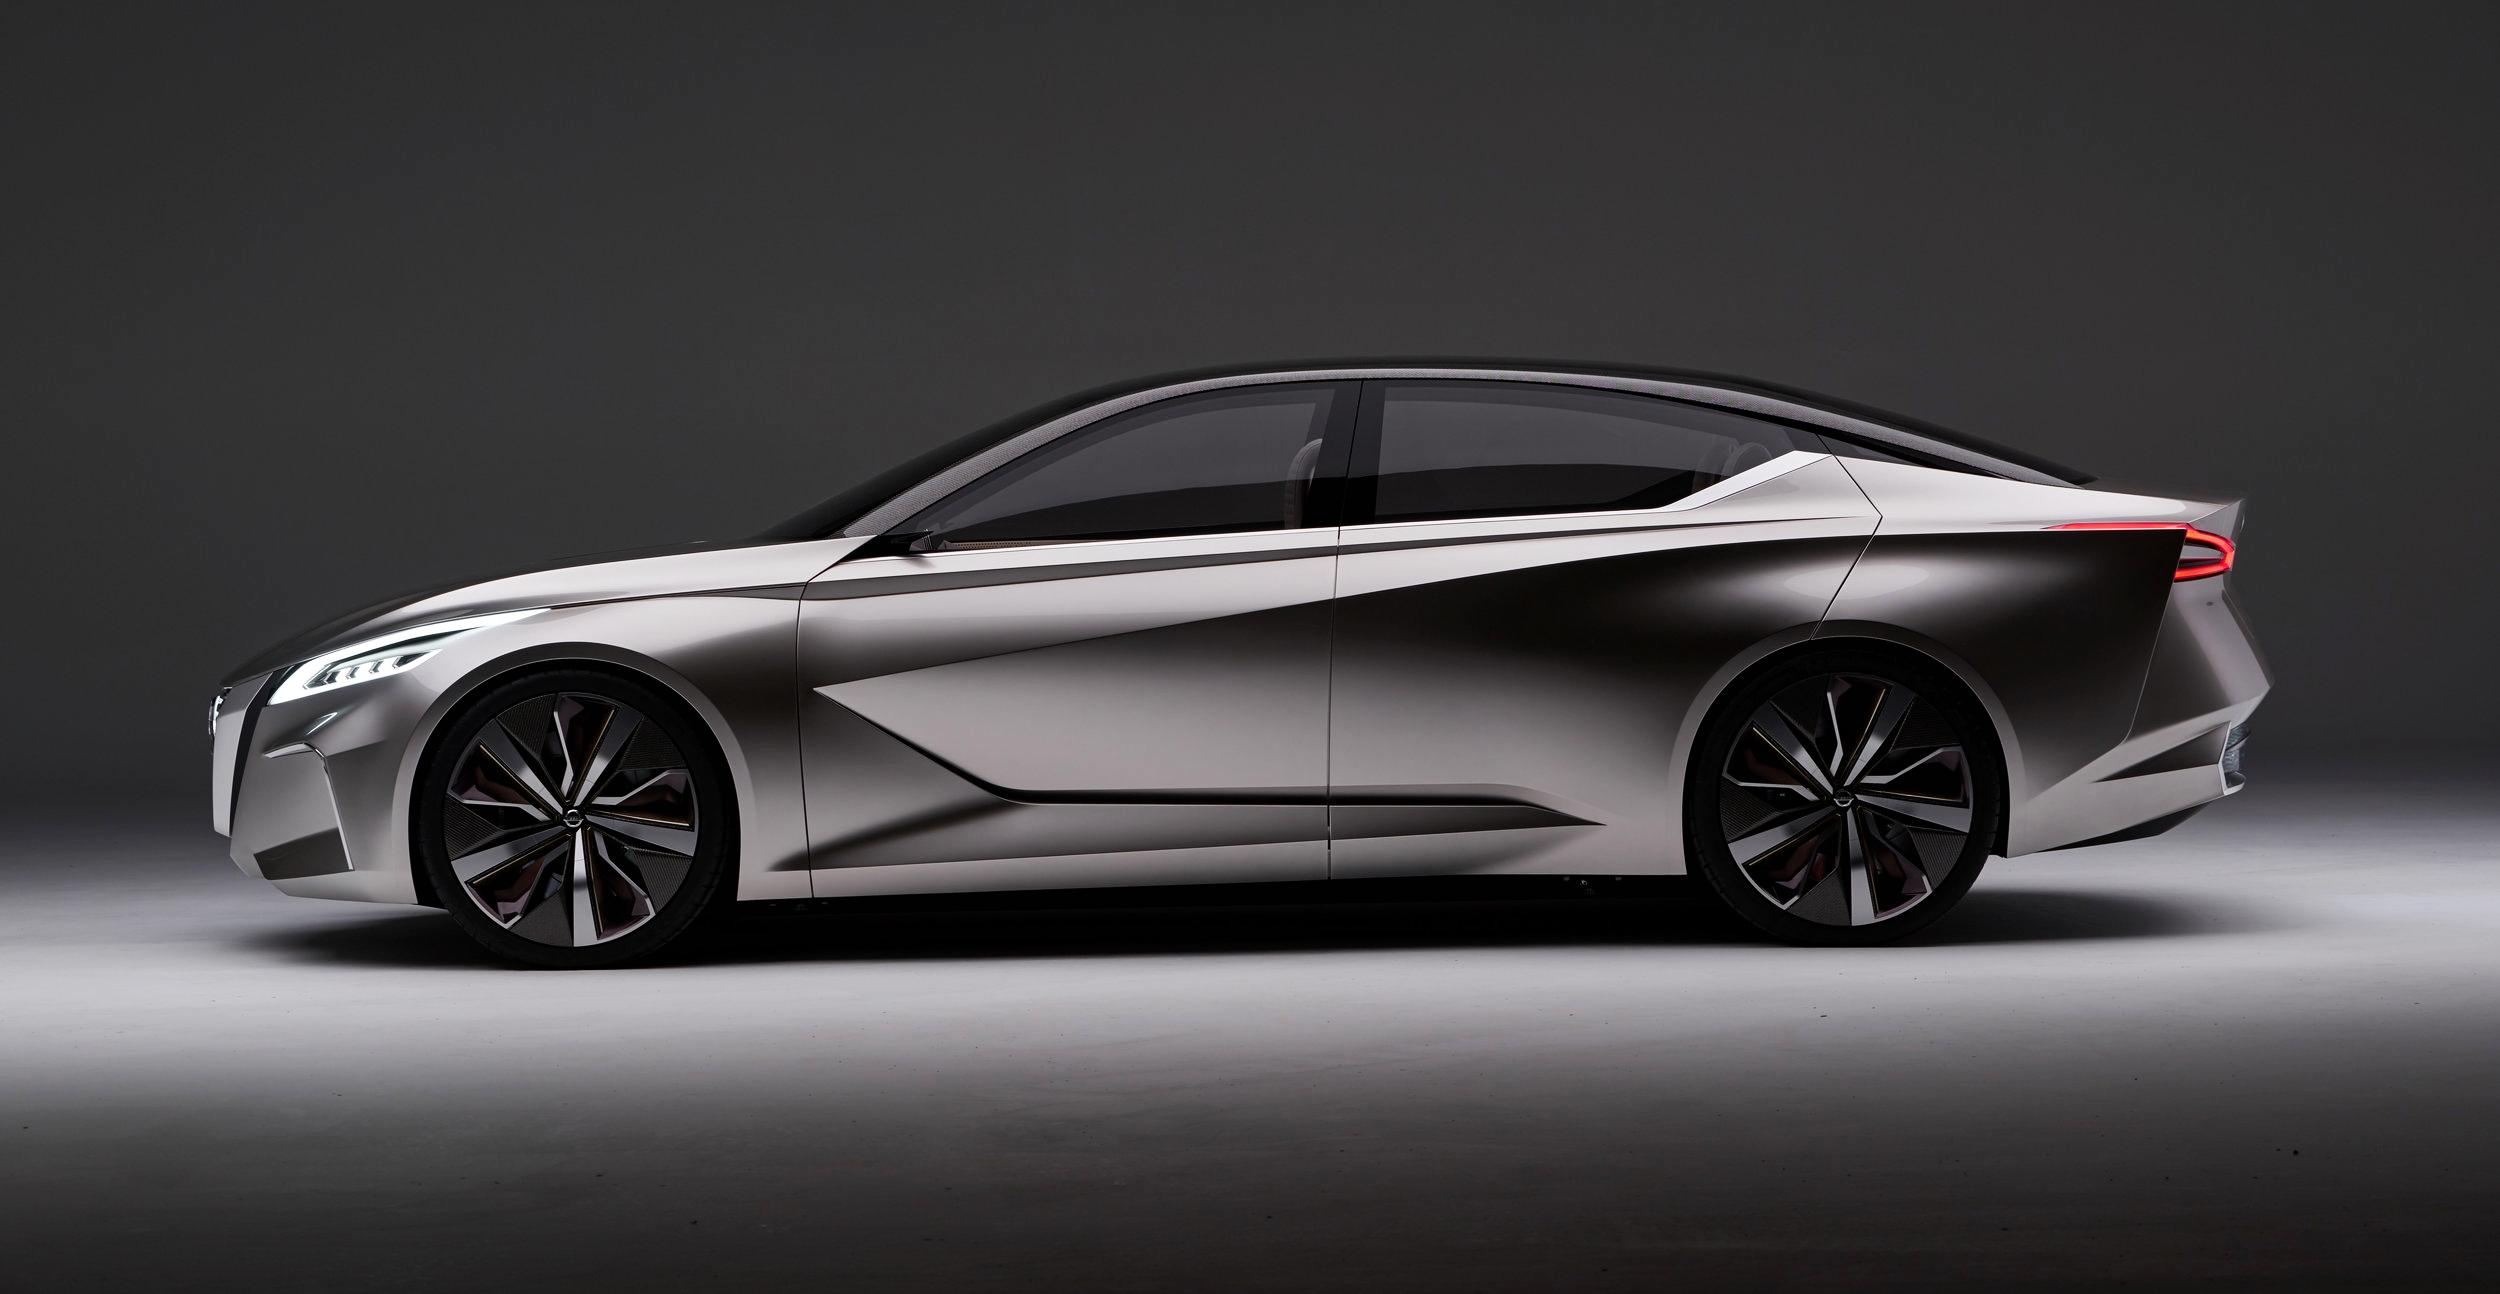 Nissan V-Motion concept